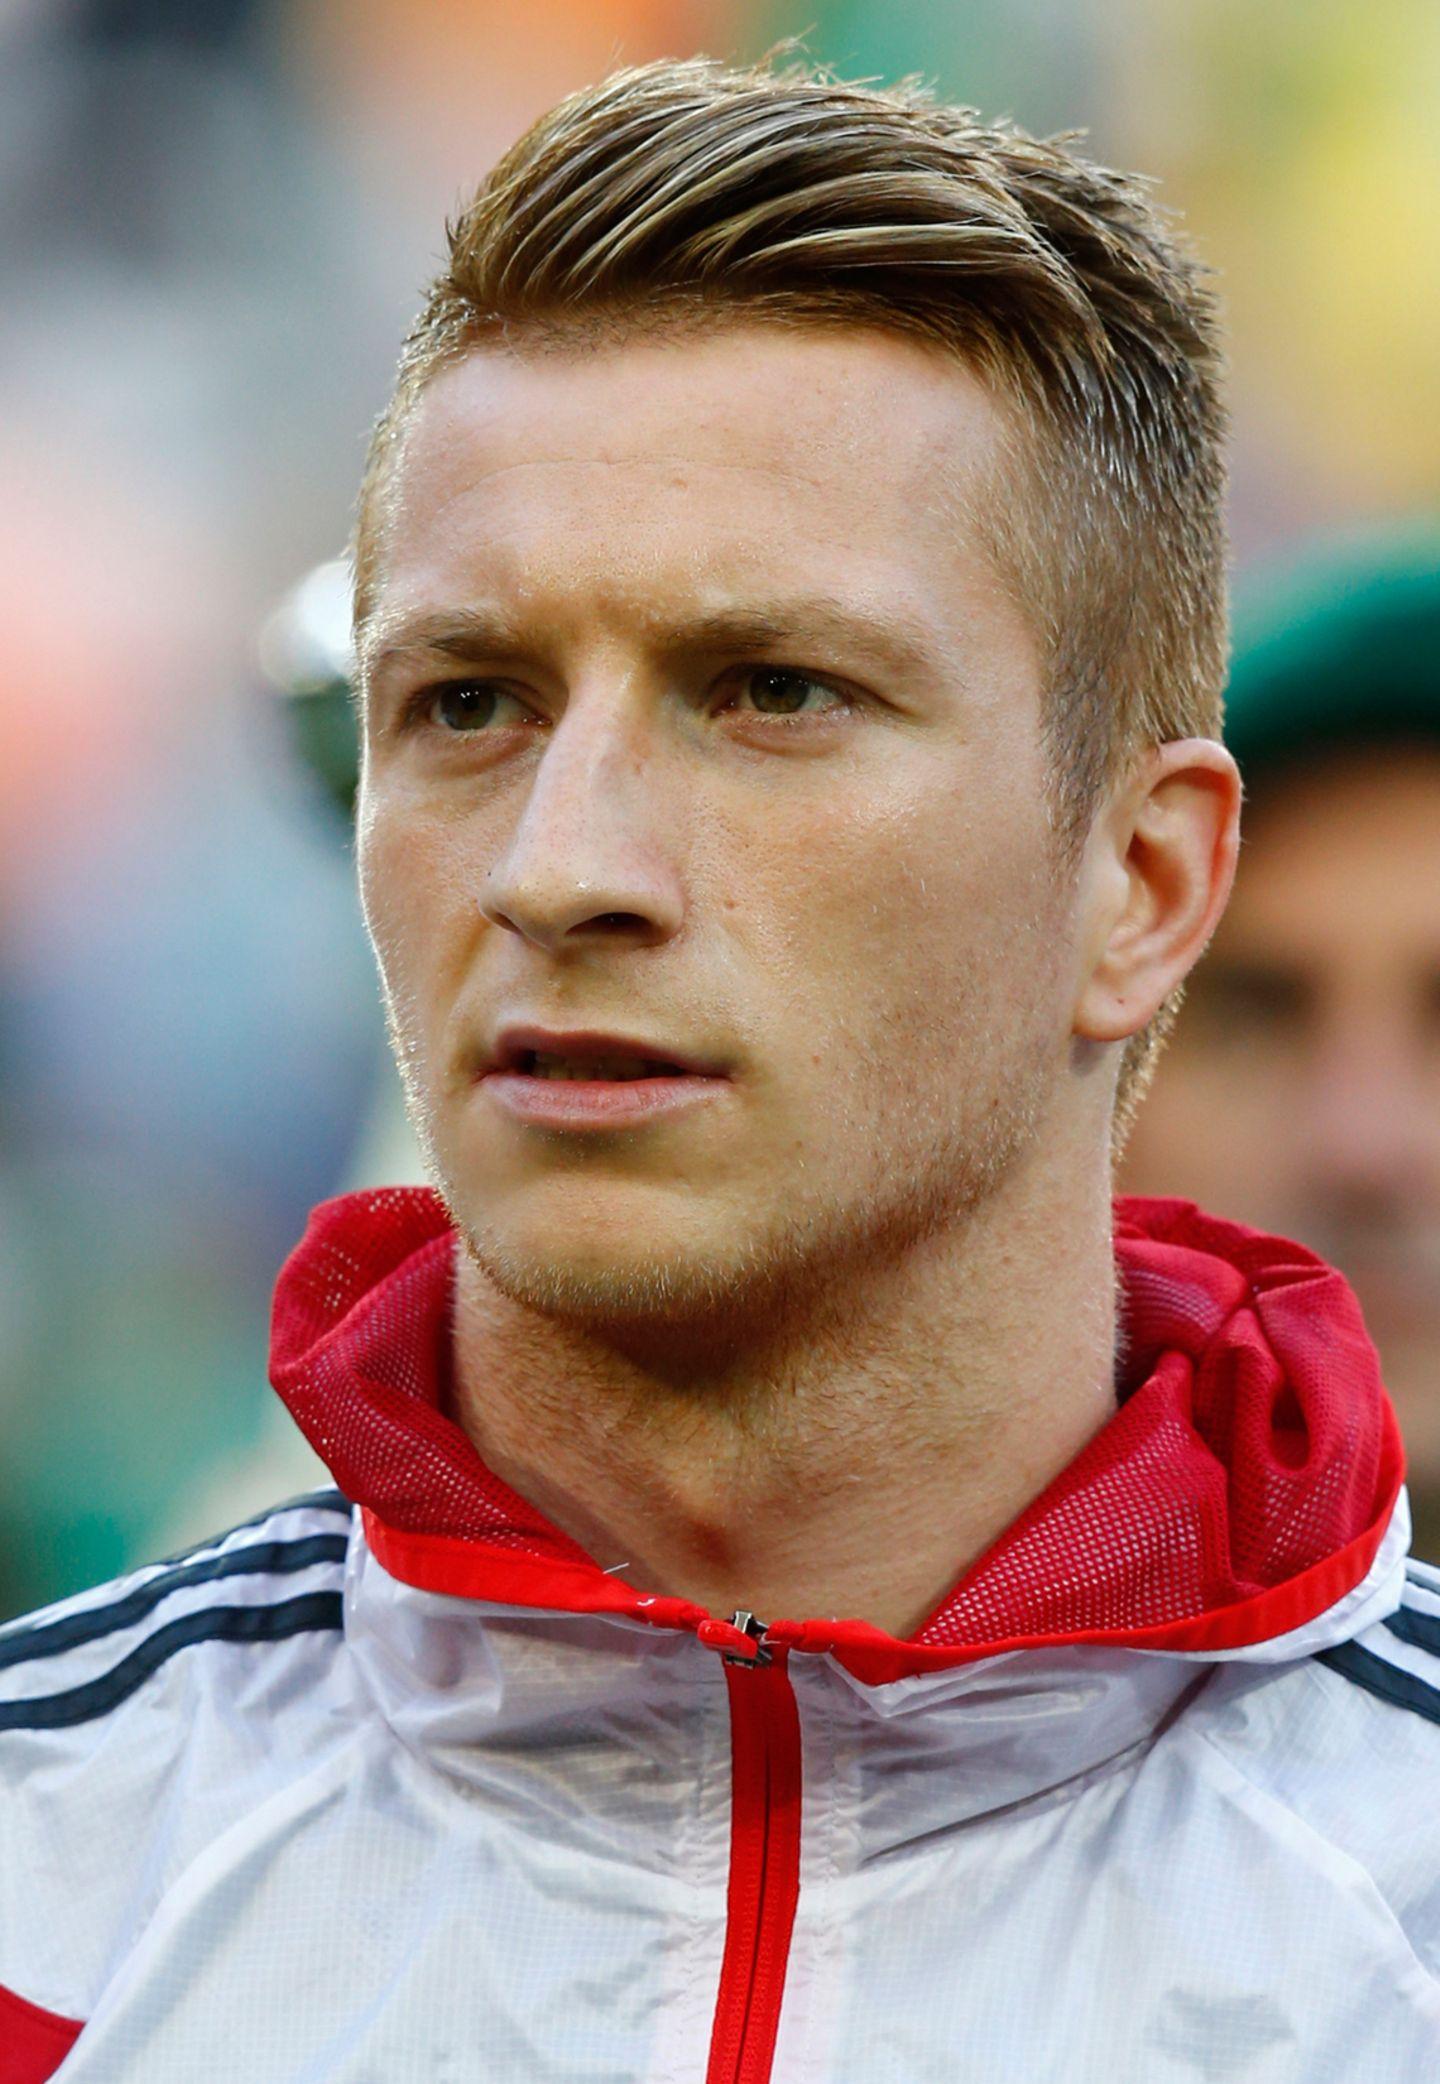 Marco Reus von Borussia Dortmund ist nicht nur eines der größten Talente im deutschen Fußball, er gilt mit seiner markanten Frisur auch als Trendsetter. Rasierte Seitenpartien und streng auf eine Seite gegelte Haare am Oberkopf sind sein Markenzeichen.